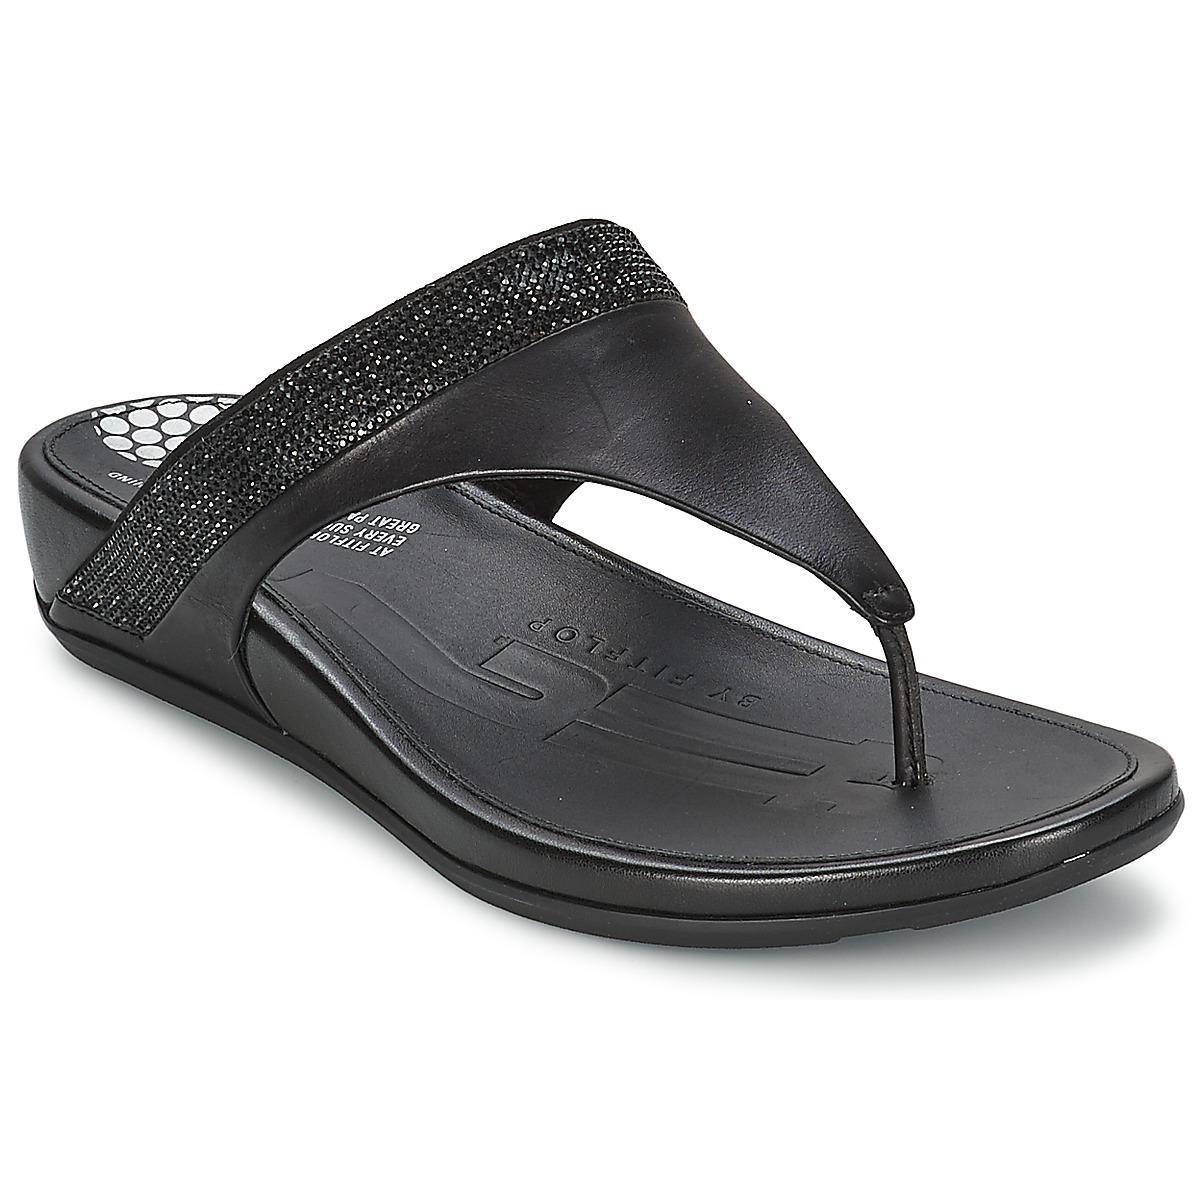 56e53e1aca72 Fitflop Ff2tm Bandatm Toe Post Women s Flip Flops   Sandals (shoes ...